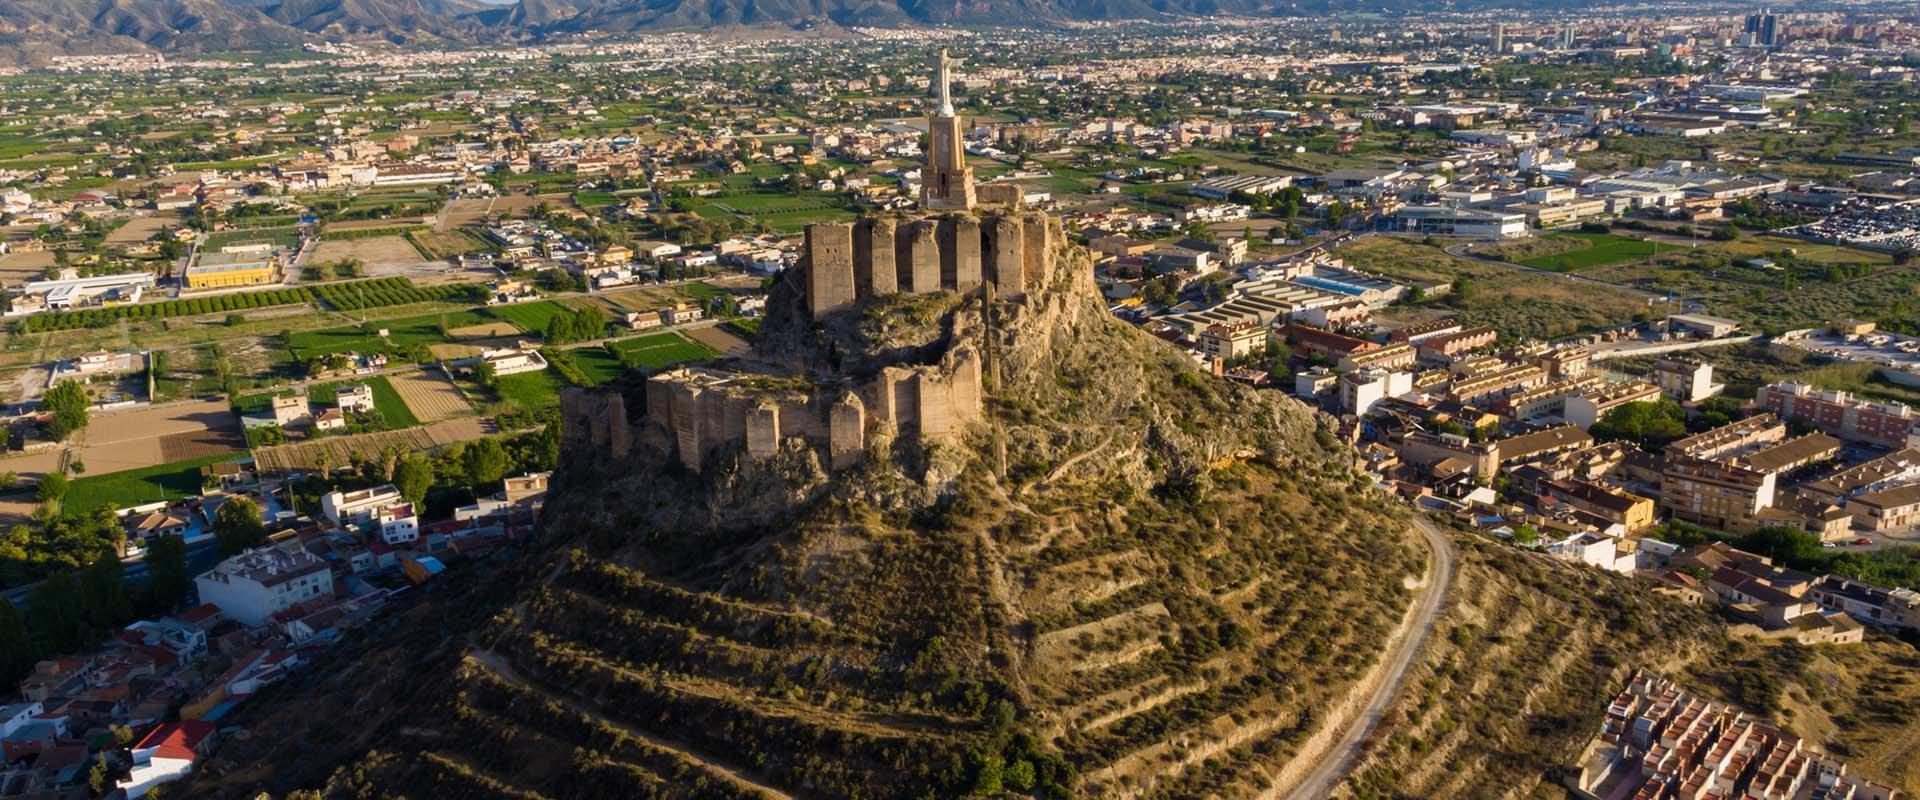 Murcia Public Holidays 2018 Publicholidays Es